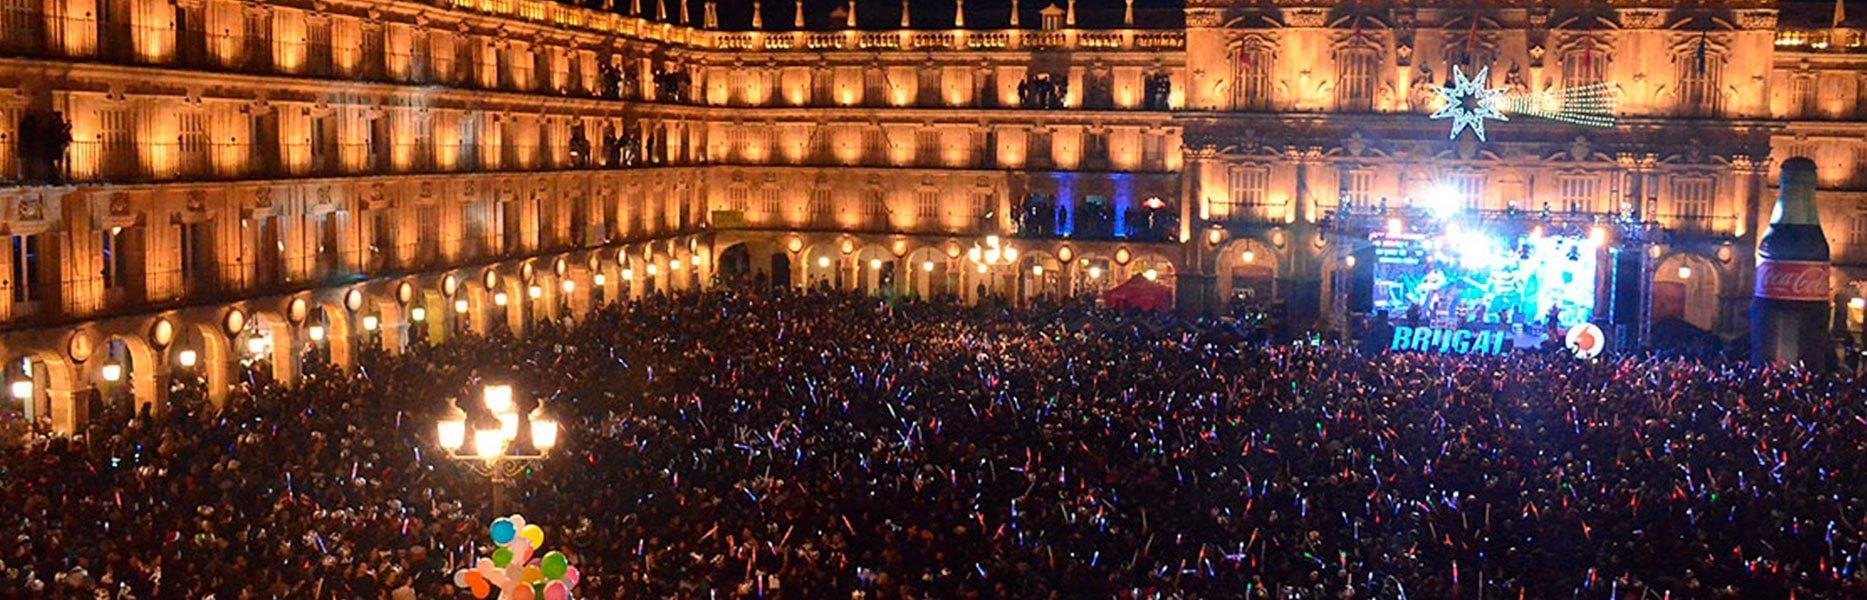 Nochevieja Universitaria - Salamanca